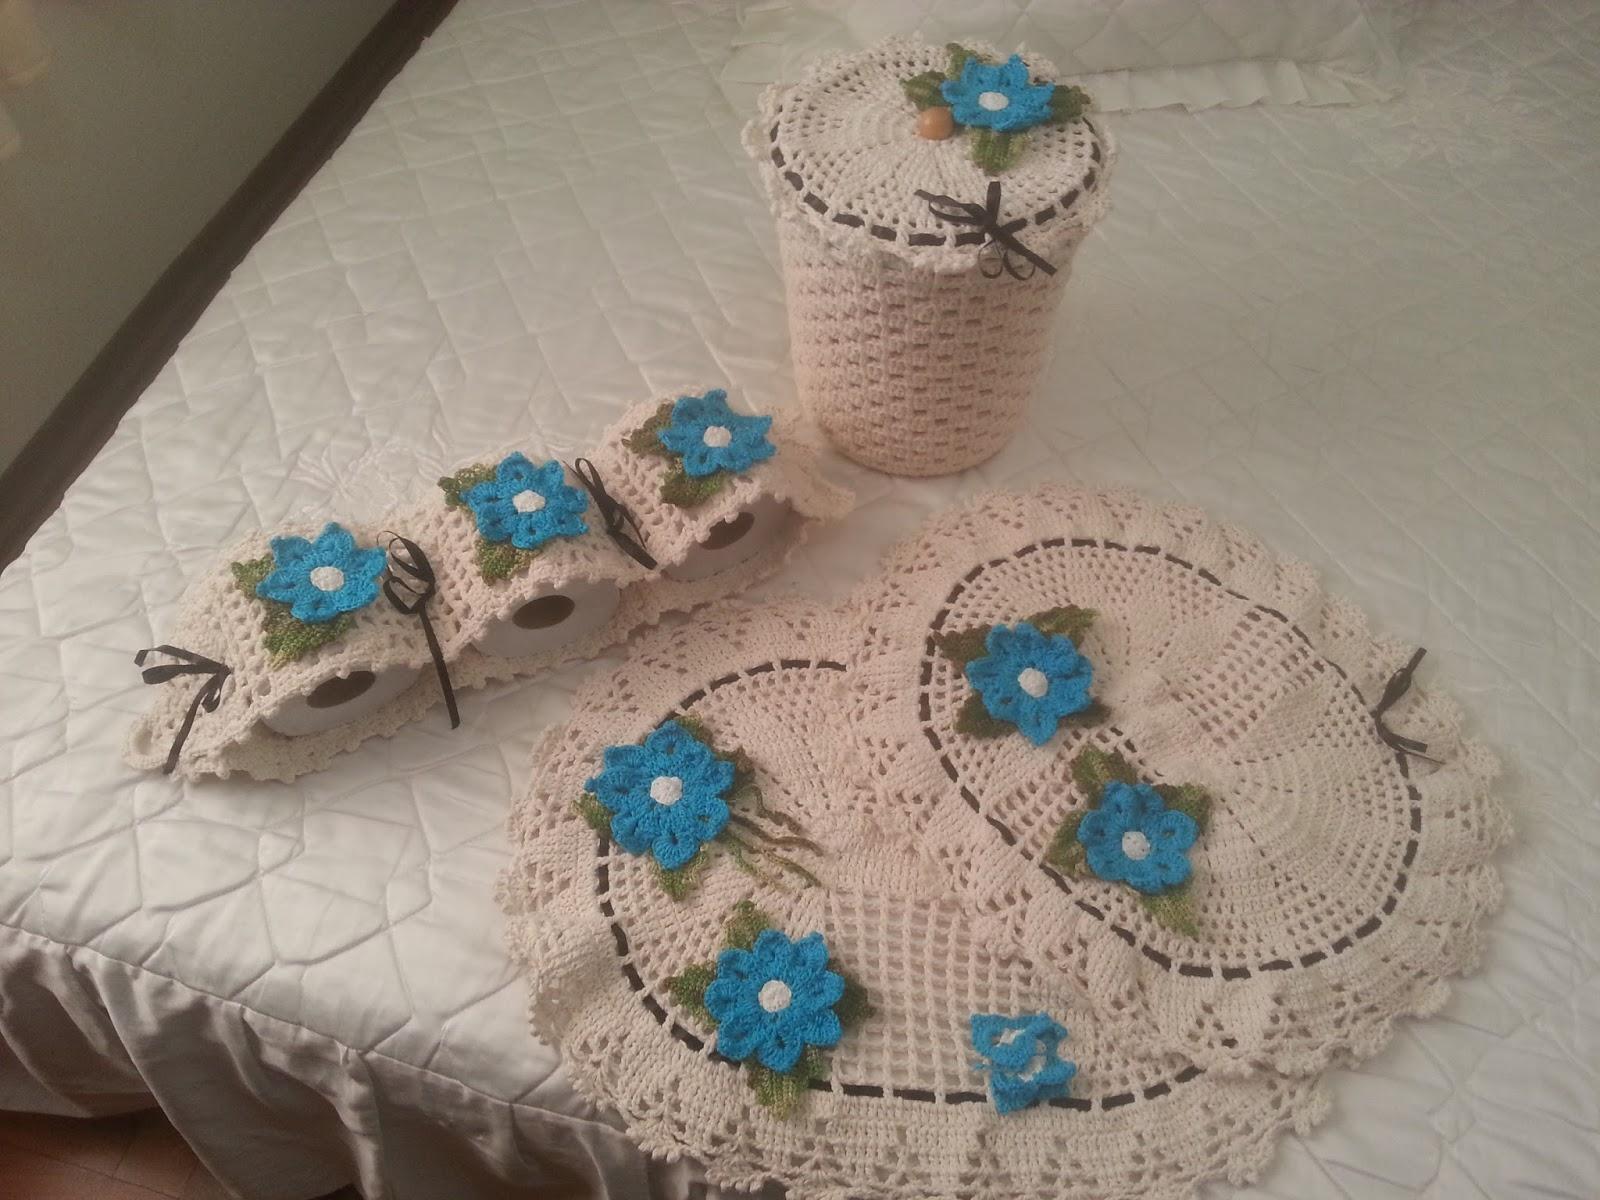 Flor azul no tapeet com ponto branco no meio e bordas brancas